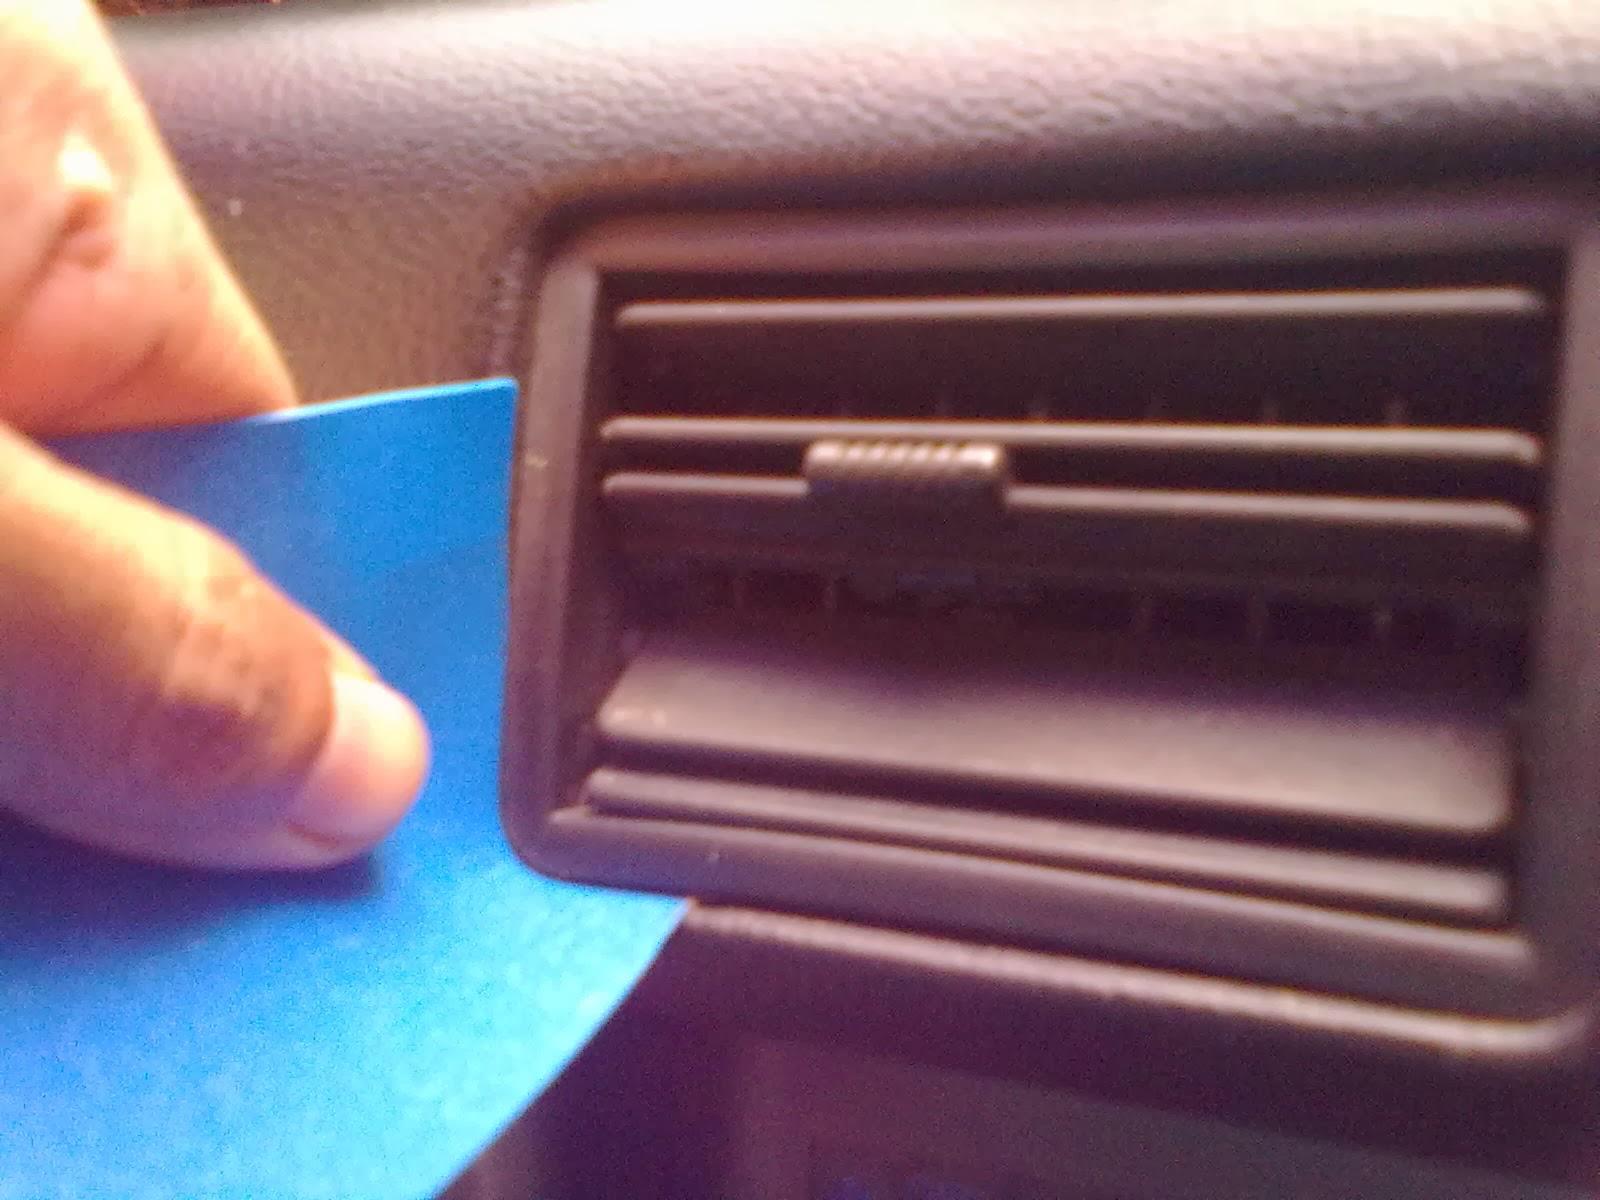 Memperbaiki Kisi Ac Mobil Info Dan Tip Otomotif Grill Depan Bagian Tengah Panther Kotak Atau Kapsul Cara Lepas